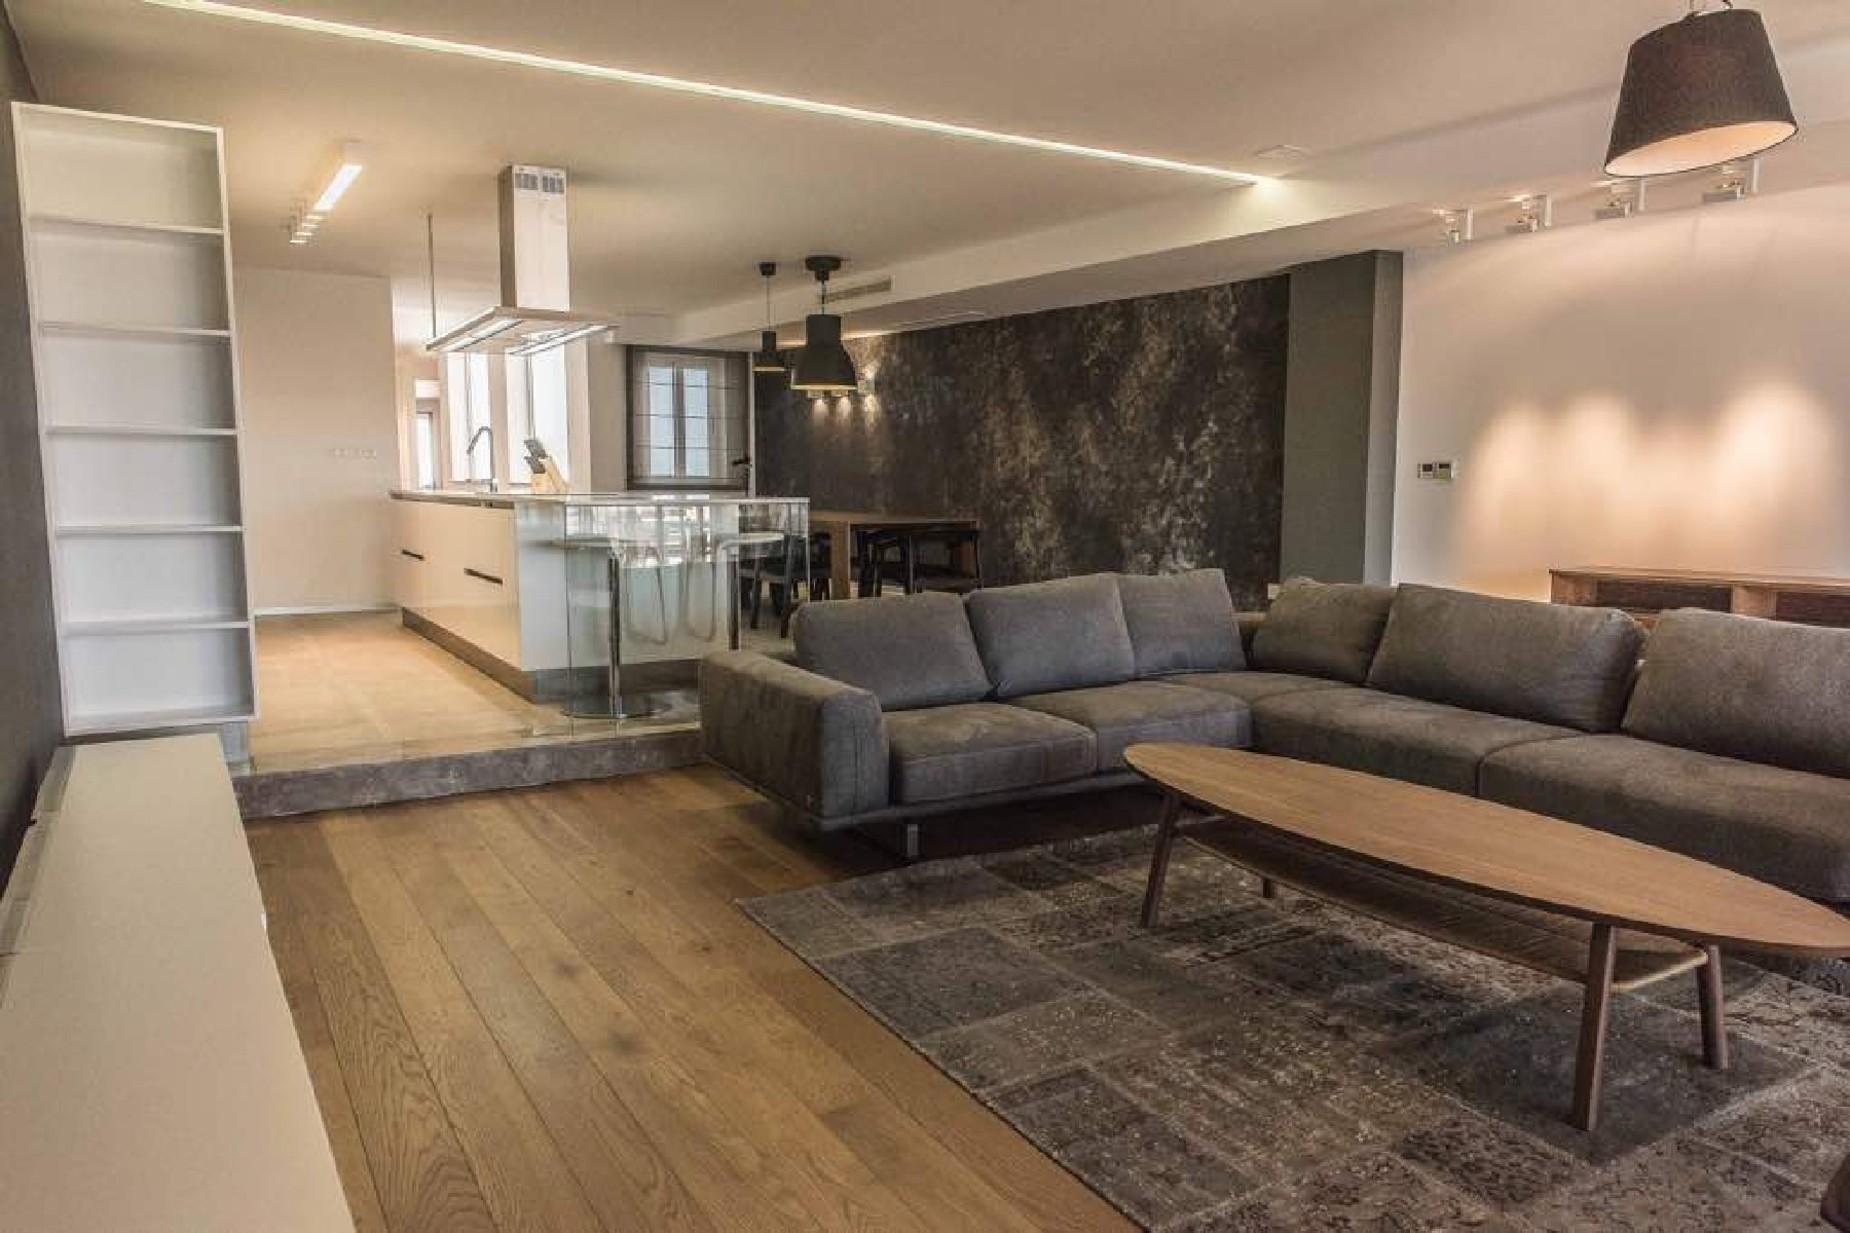 3 bed Apartment For Rent in Ta' Xbiex, Ta' Xbiex - thumb 3